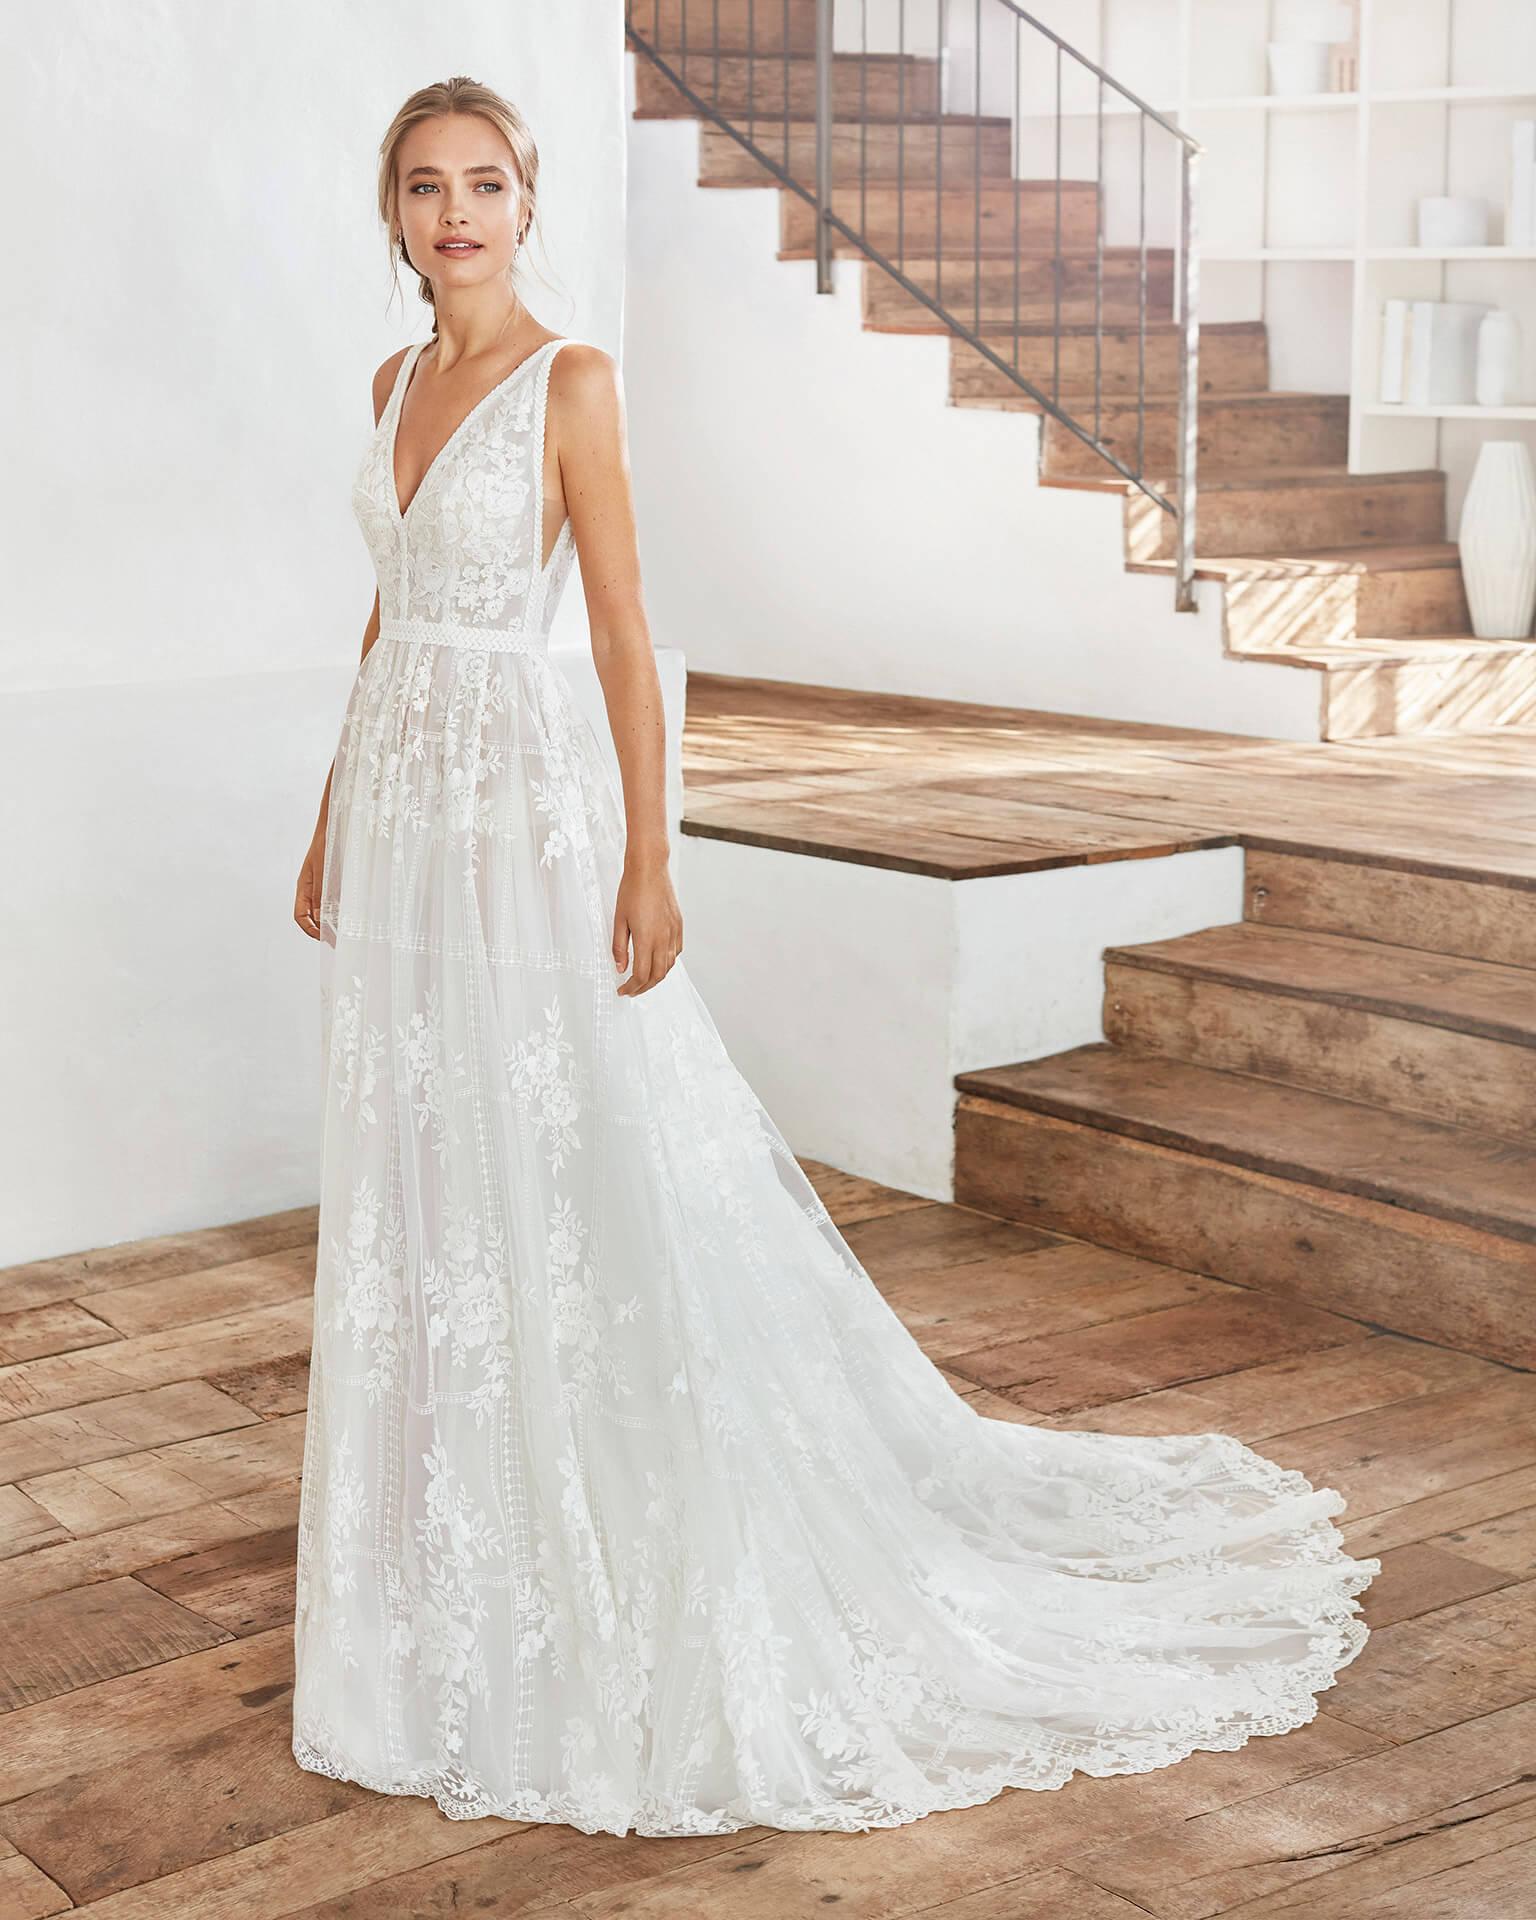 Blonde Braut in Brautkleid A-Linie Boho ärmellos in weißem Raum mit Holzboden